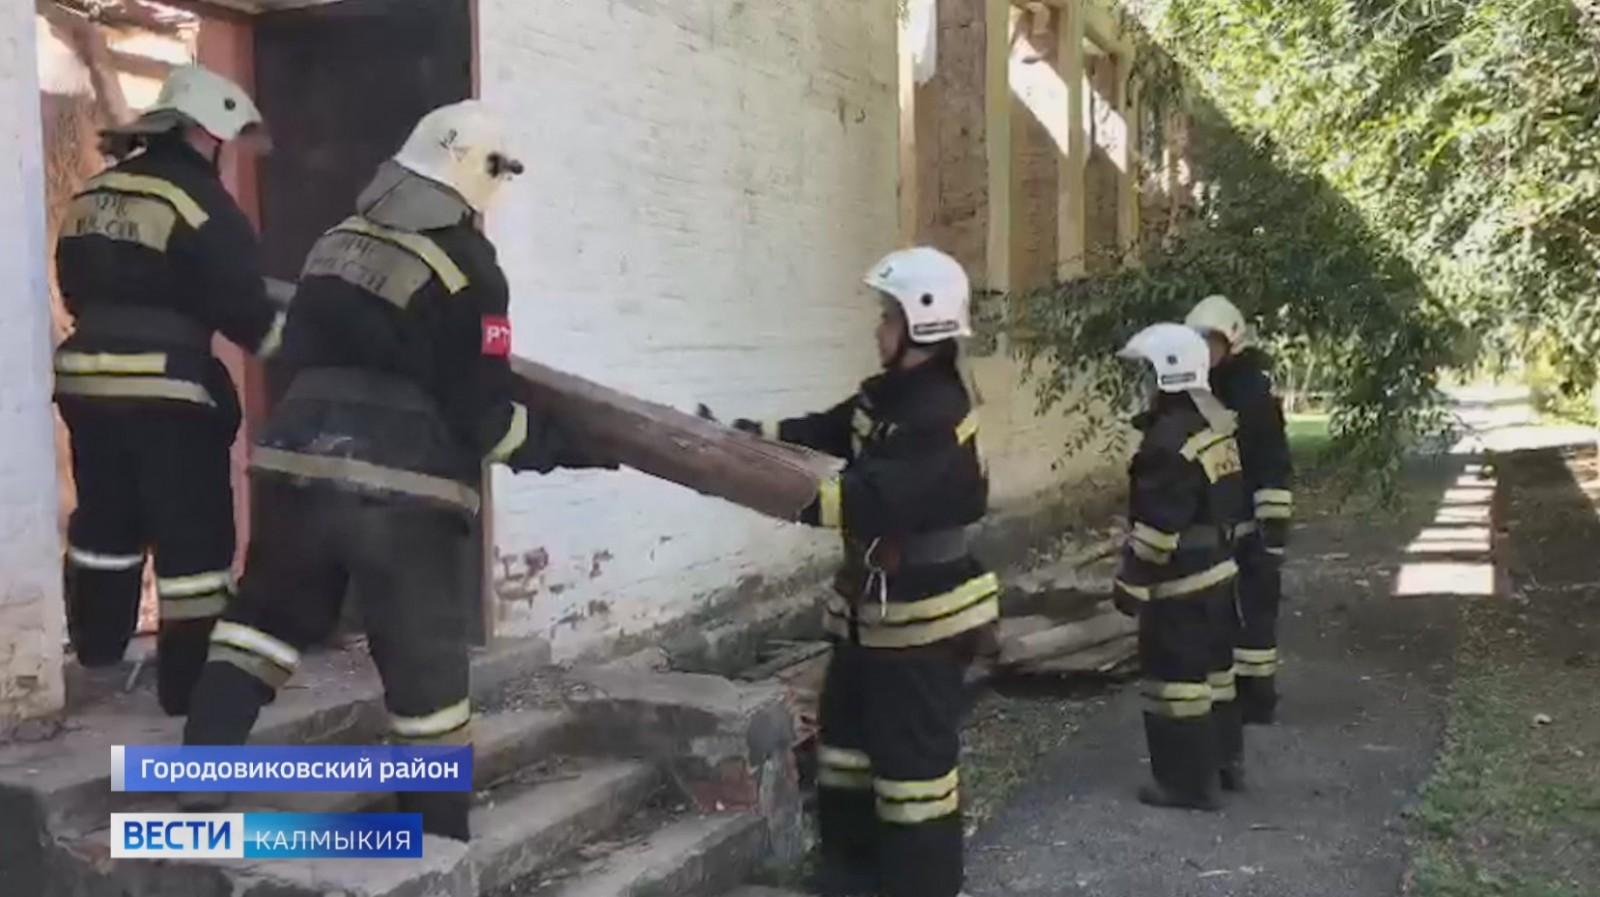 Прокуратура Калмыкии проводит процессуальную проверку по факту обрушения кровли в Городовиковске